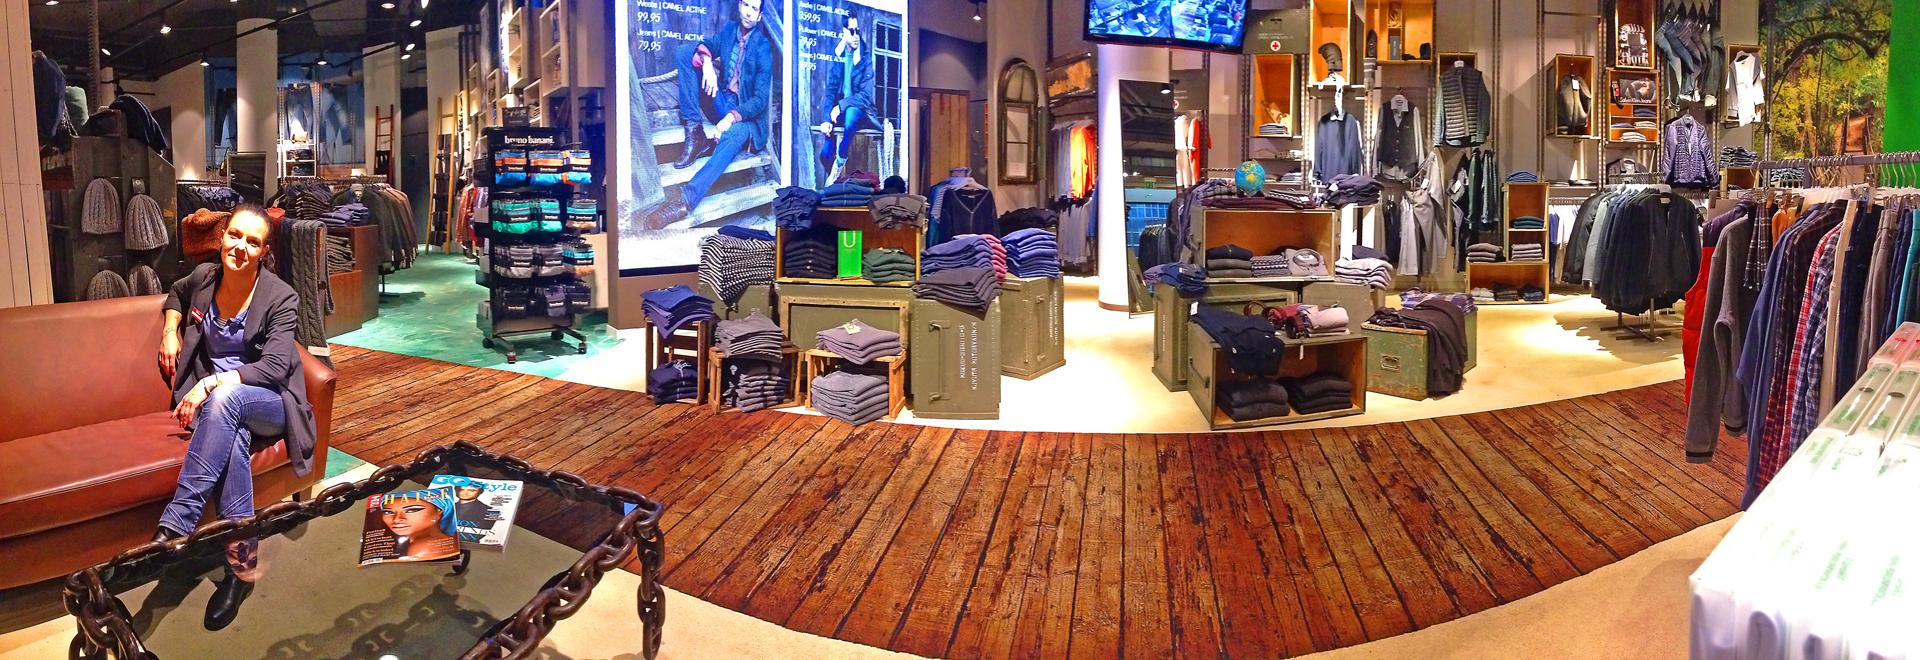 Halles schöne Läden unter einer Marke! (2)